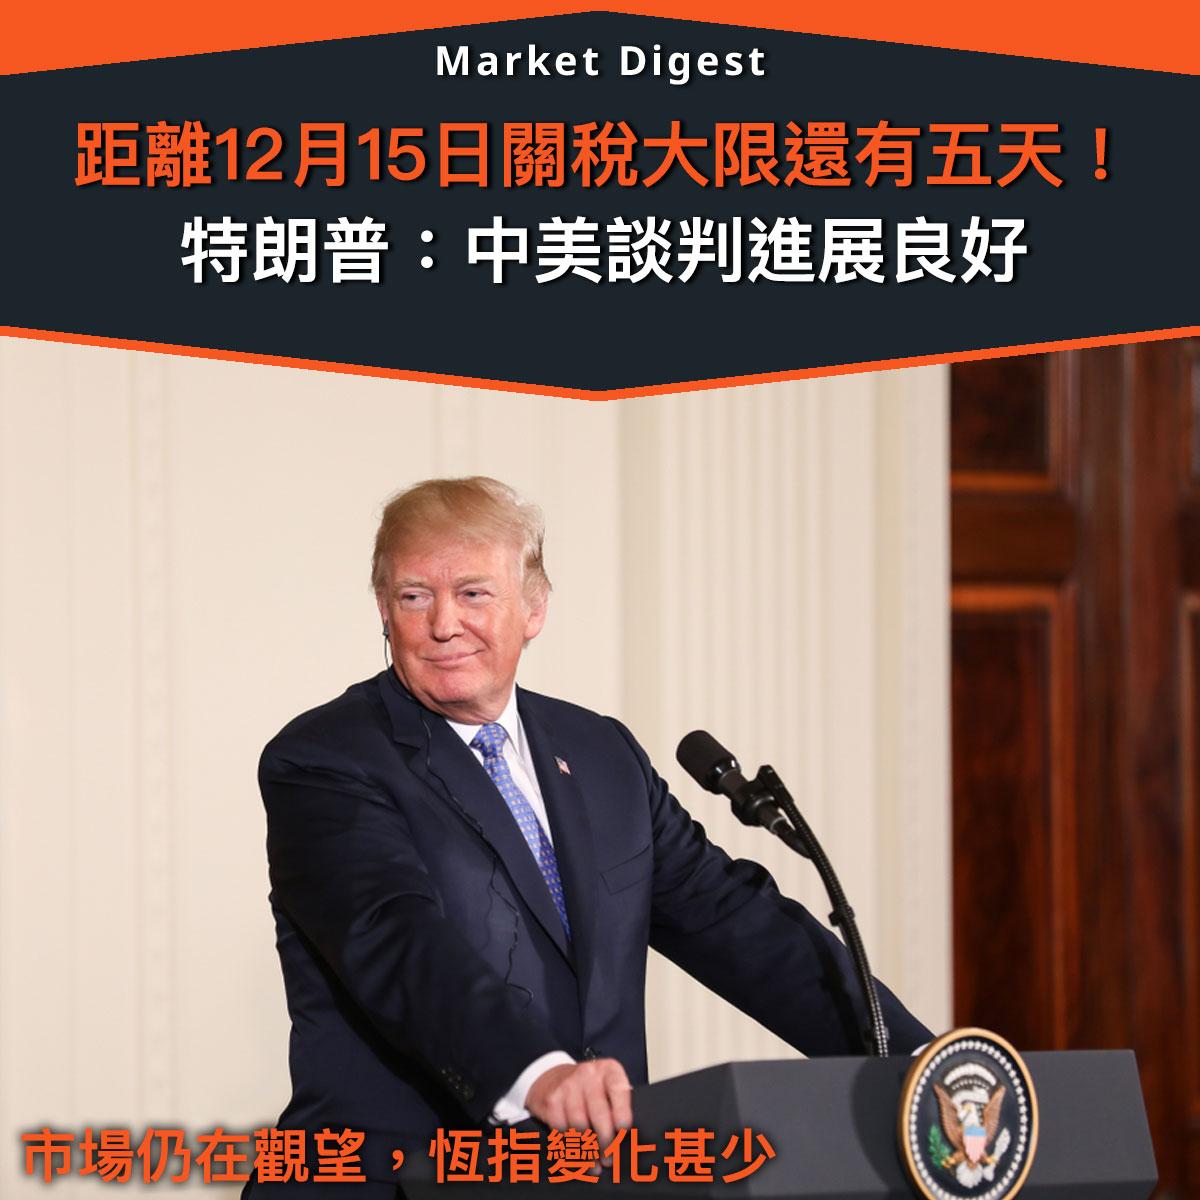 【中美貿易戰】距離12月15日關稅大限還有五天! 特朗普:中美談判進展良好